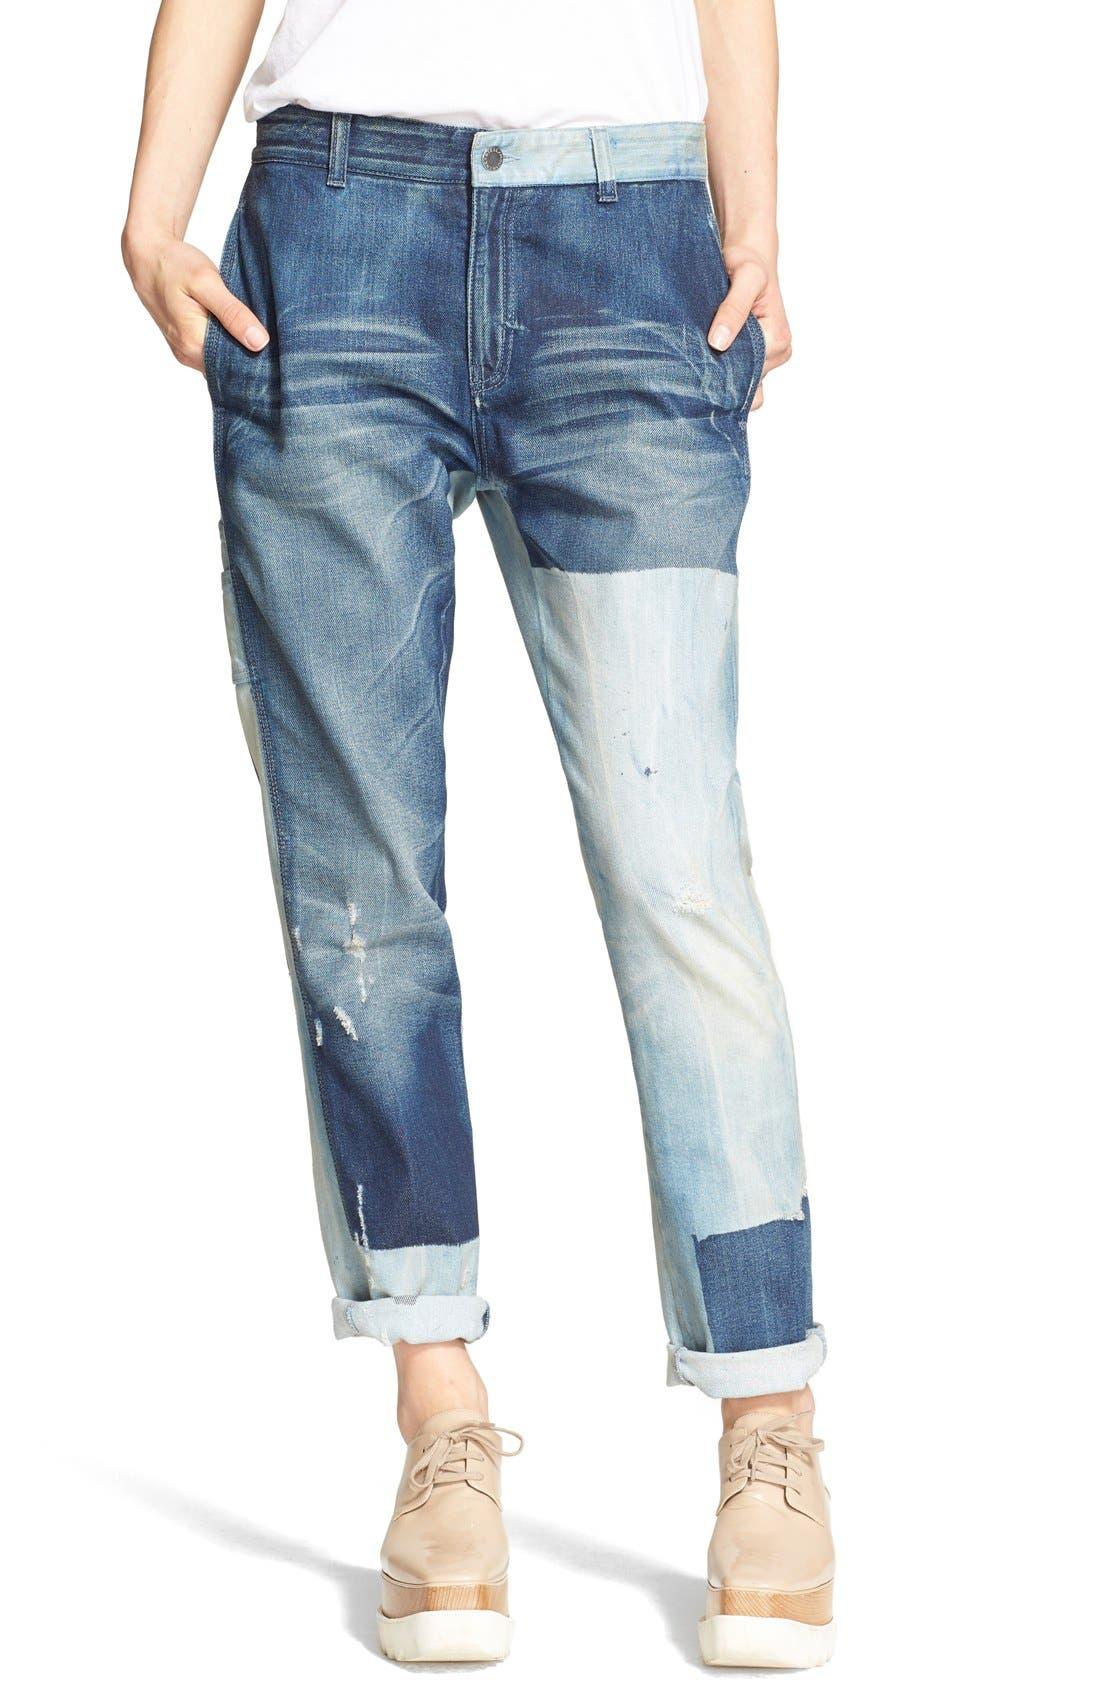 Stella McCartney 'The Patchwork' Boyfriend Jeans | Nordstrom